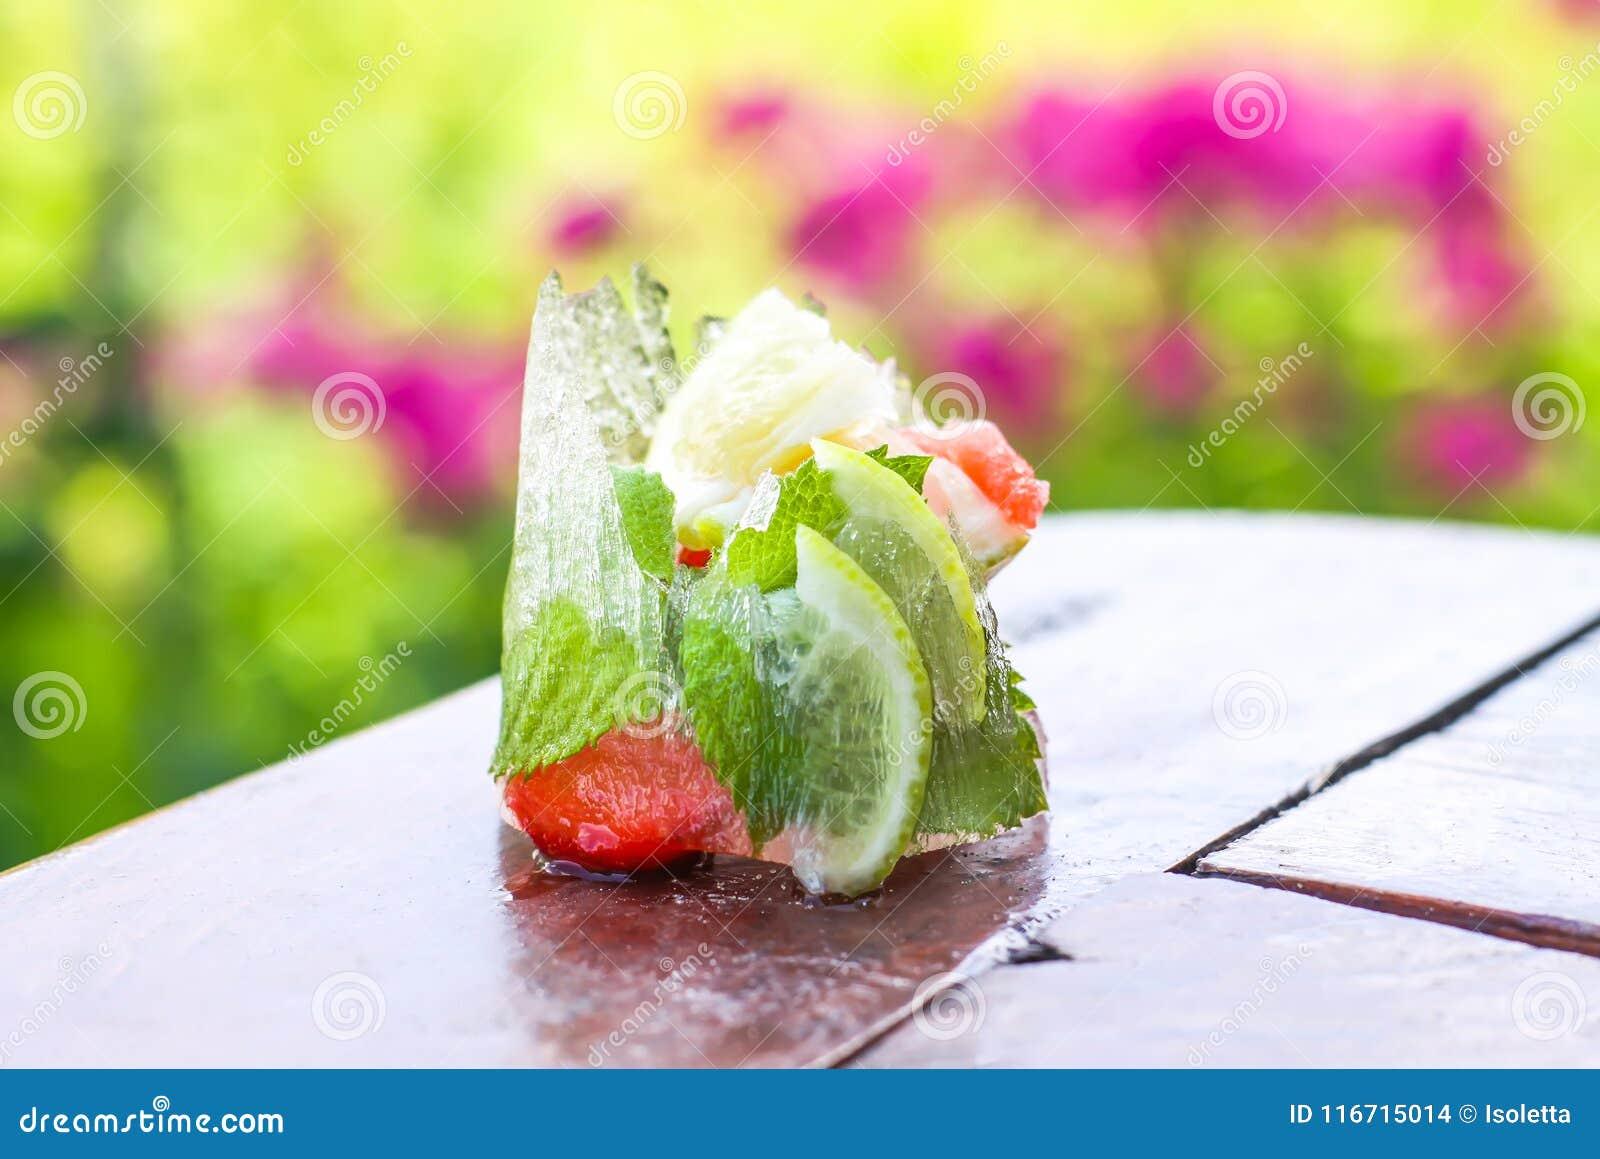 Ijsblokje met aardbei, citroen en verse groene muntbladeren op houten oppervlakte in openlucht